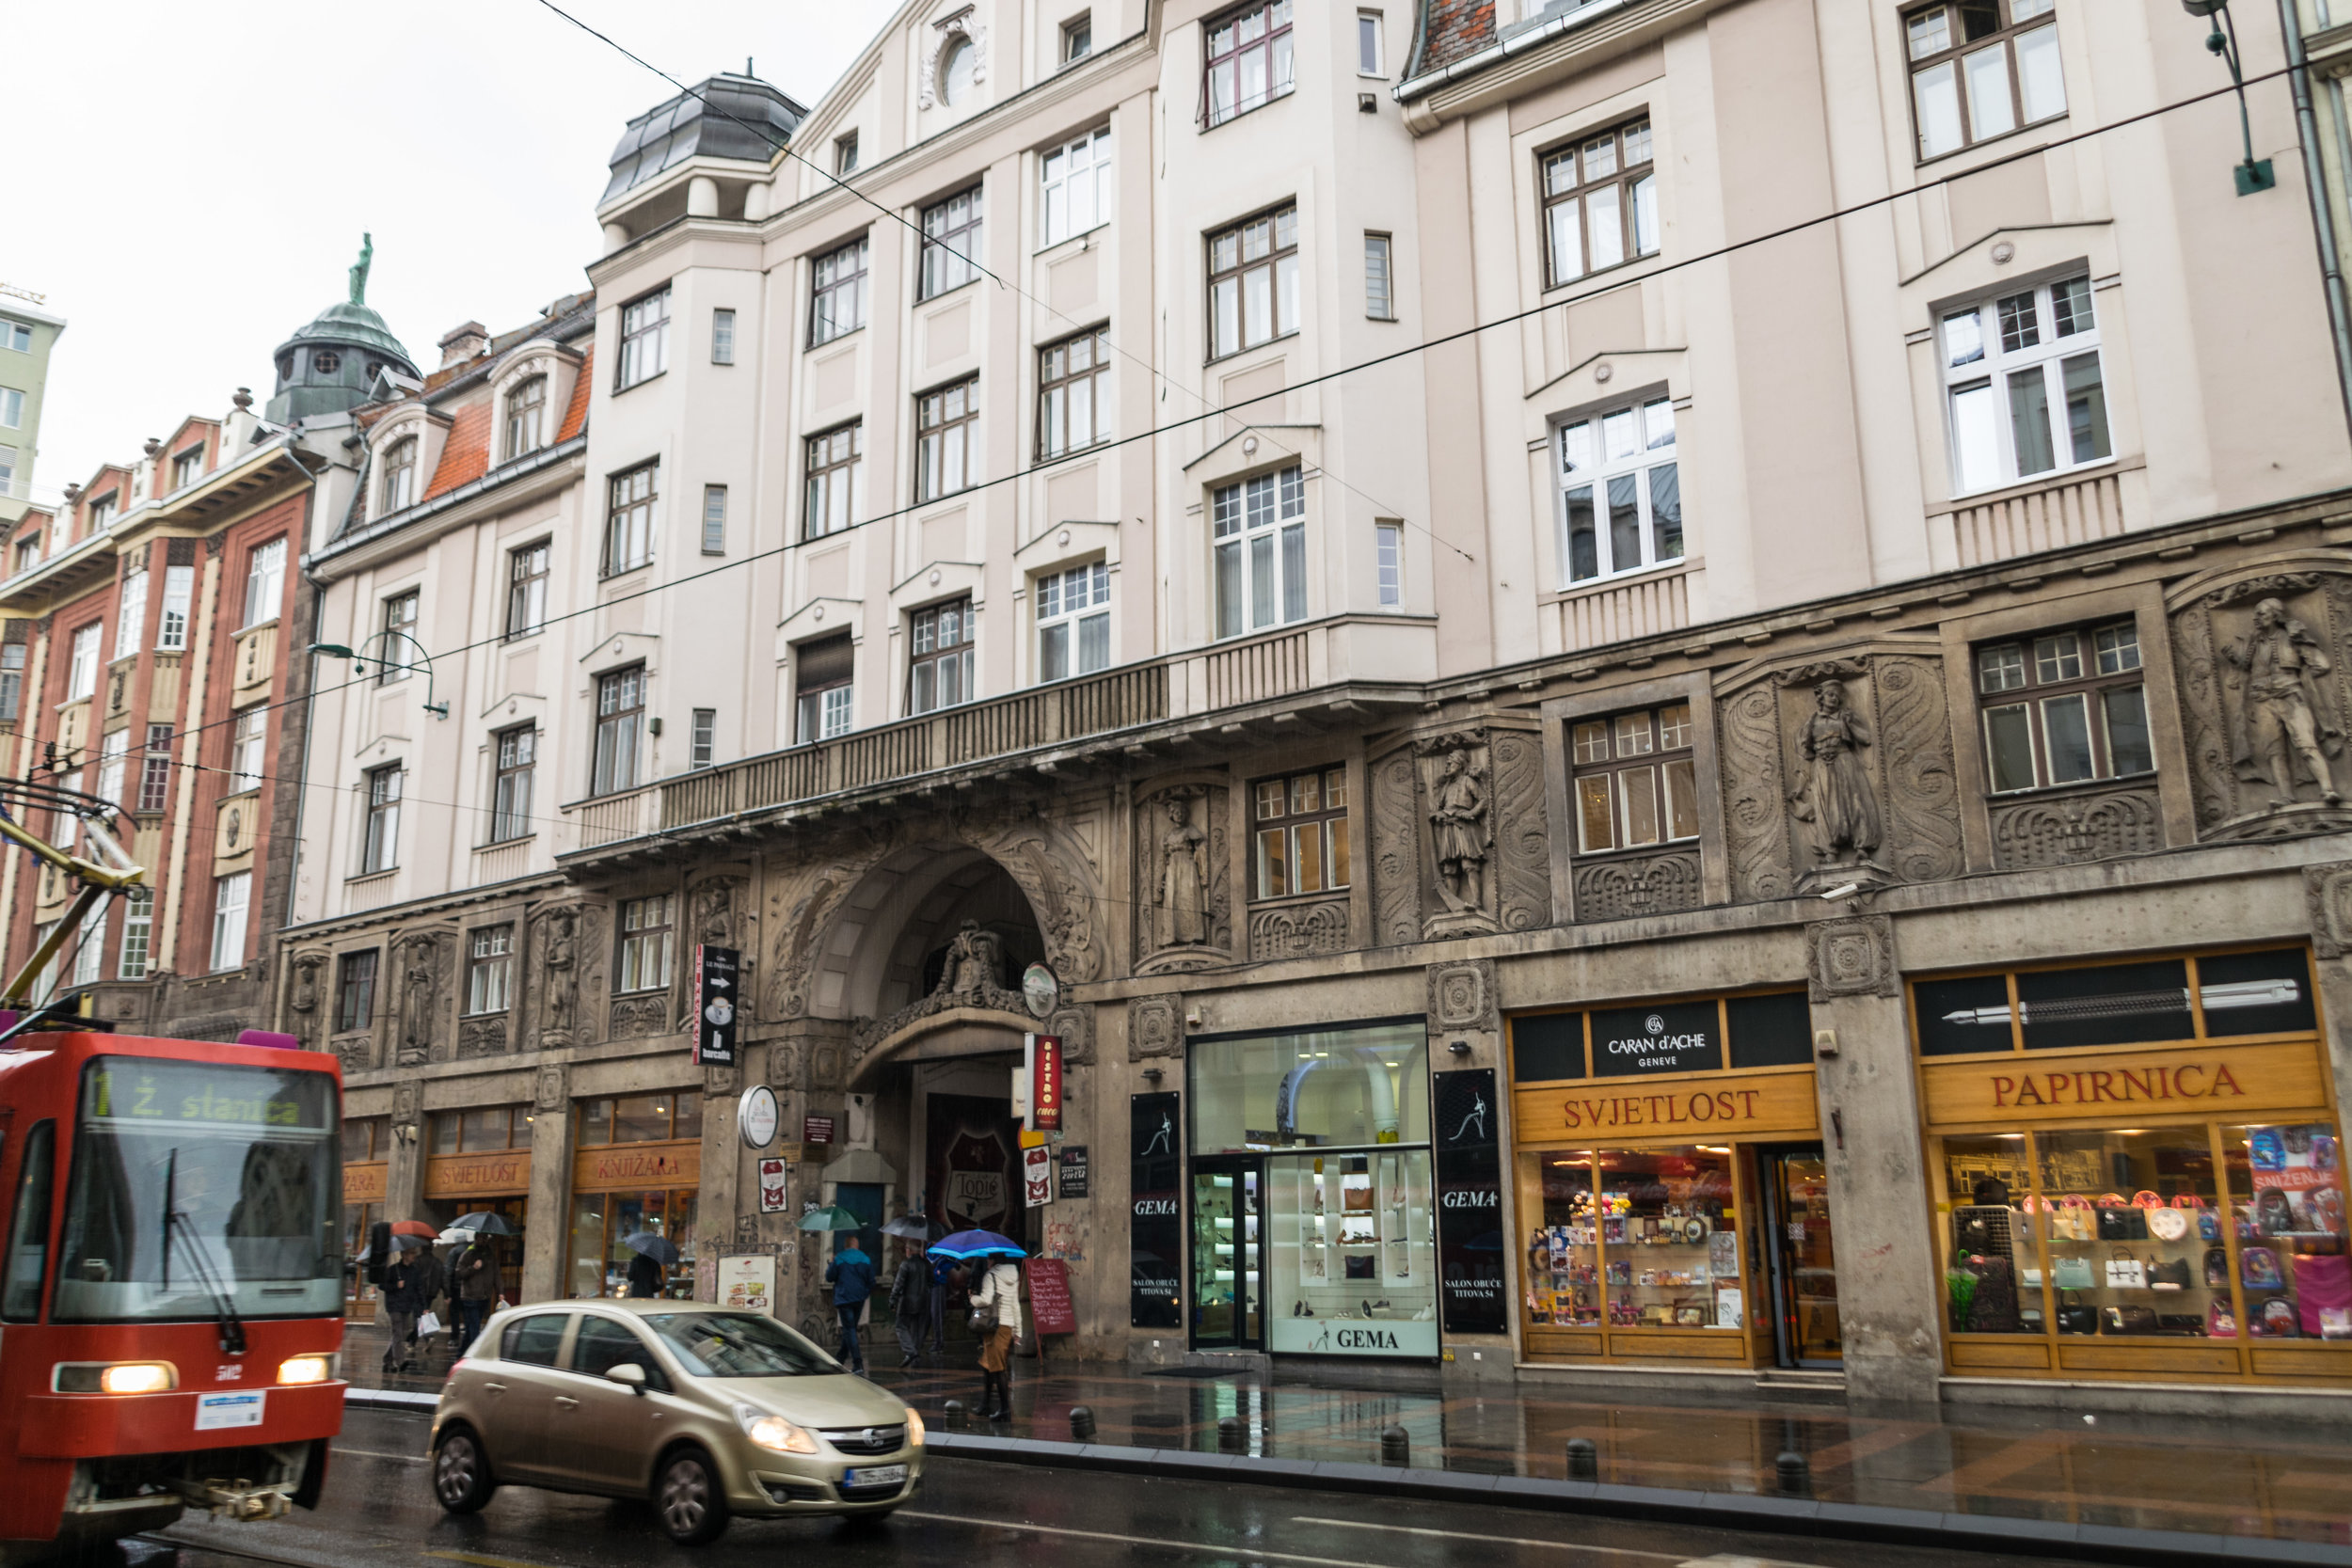 Sarajevo architecture_OAH-3.jpg